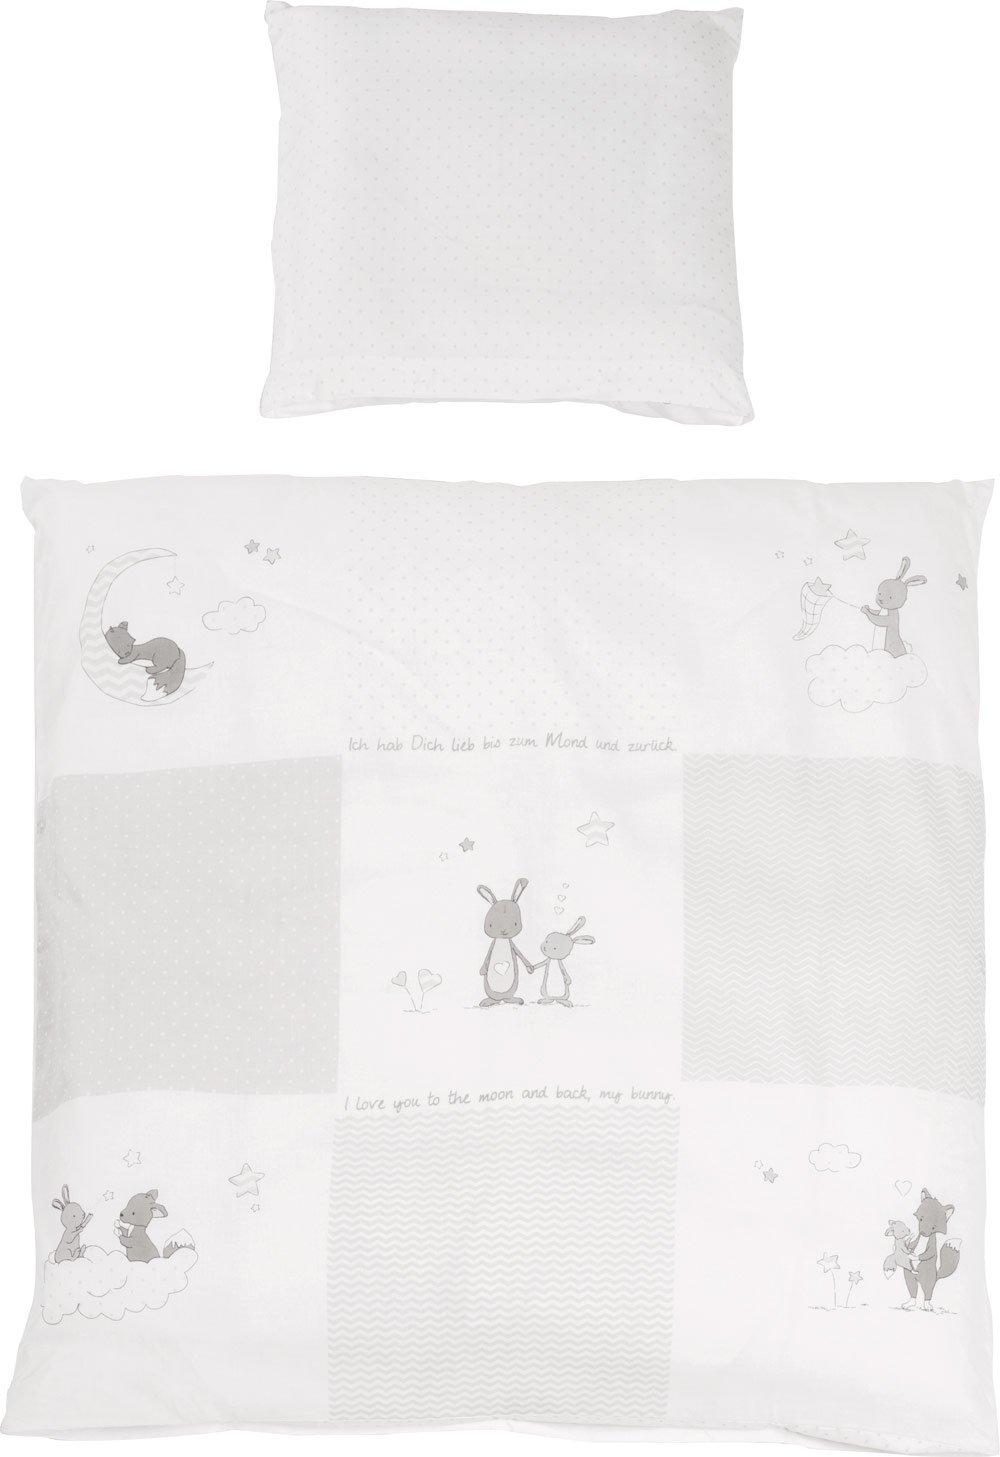 2-teilige, bedruckte Wiegenbettwäsche mit niedlichen Tiermotiven, Kissenbezug: ca. 40 x 35 cm, Deckenbezug: ca. 80 x 80 cm lifestyle4living